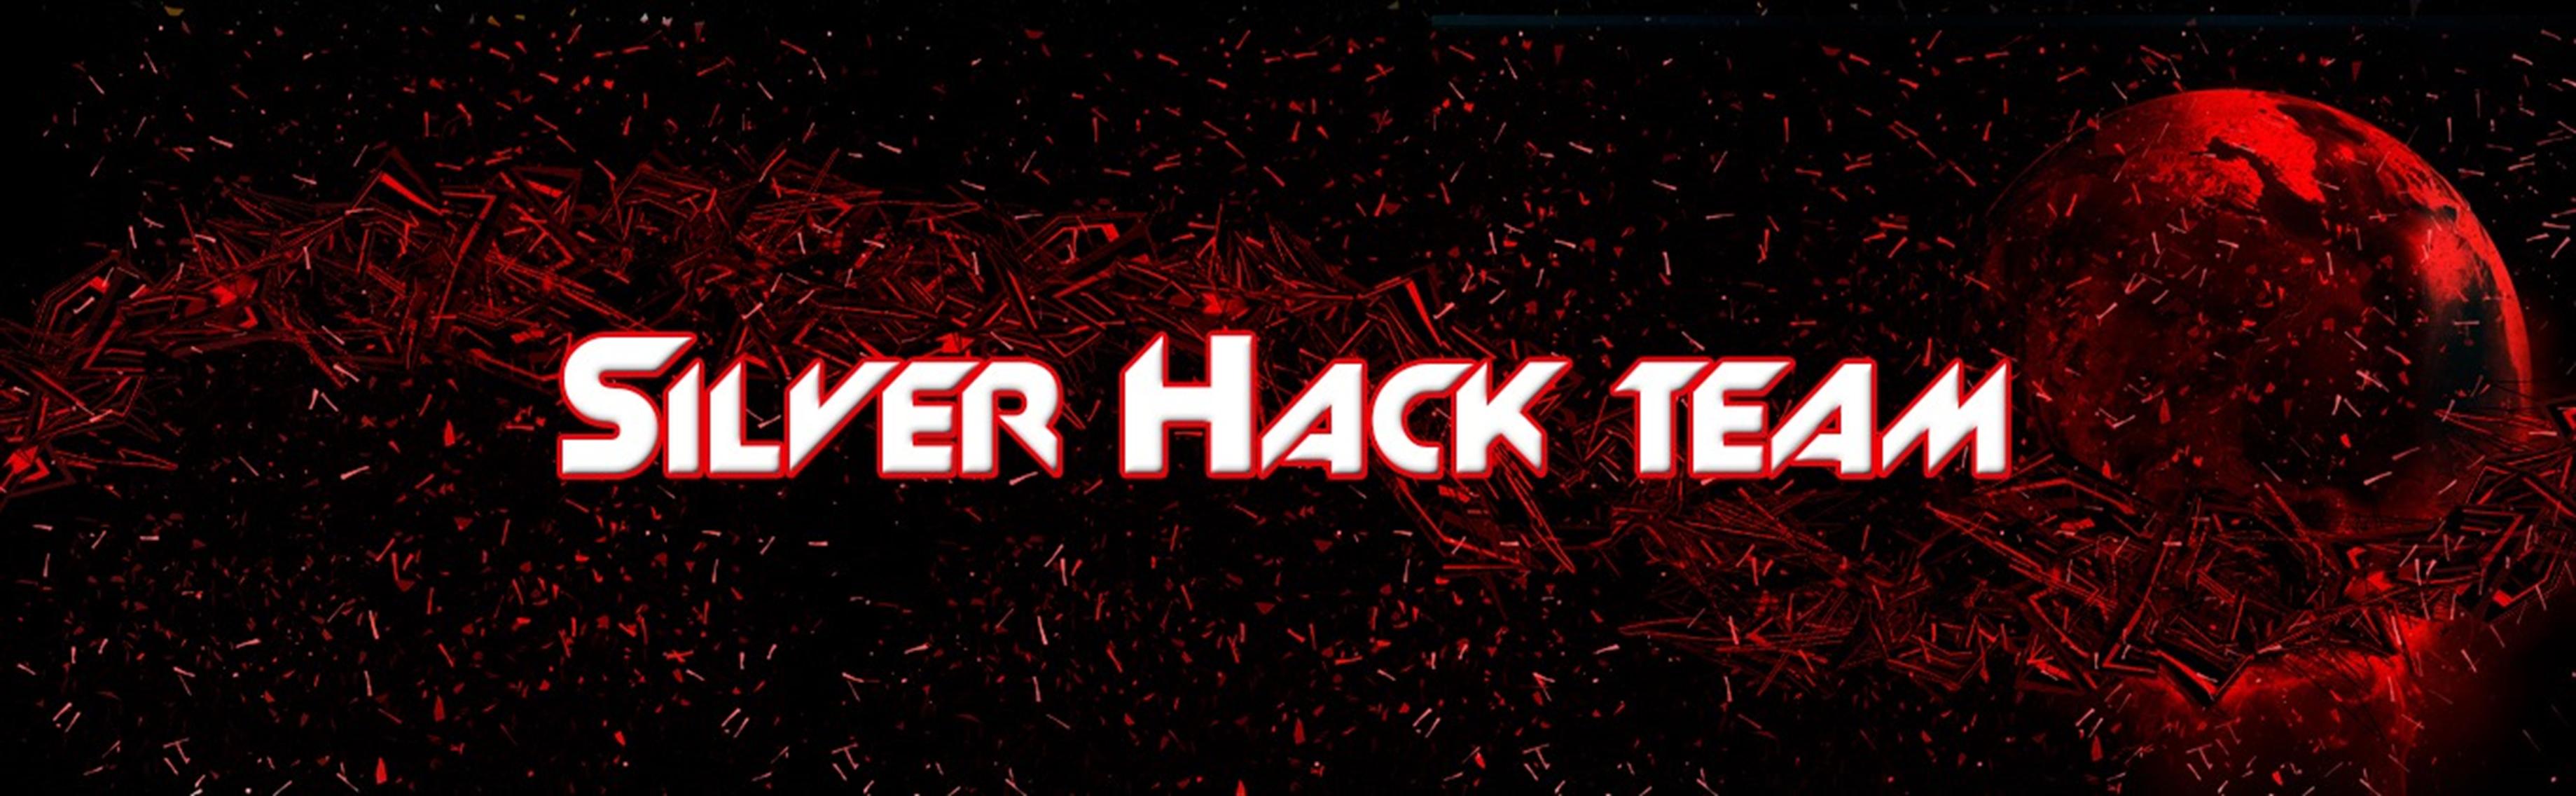 SilverHackTeam.Org / Tk